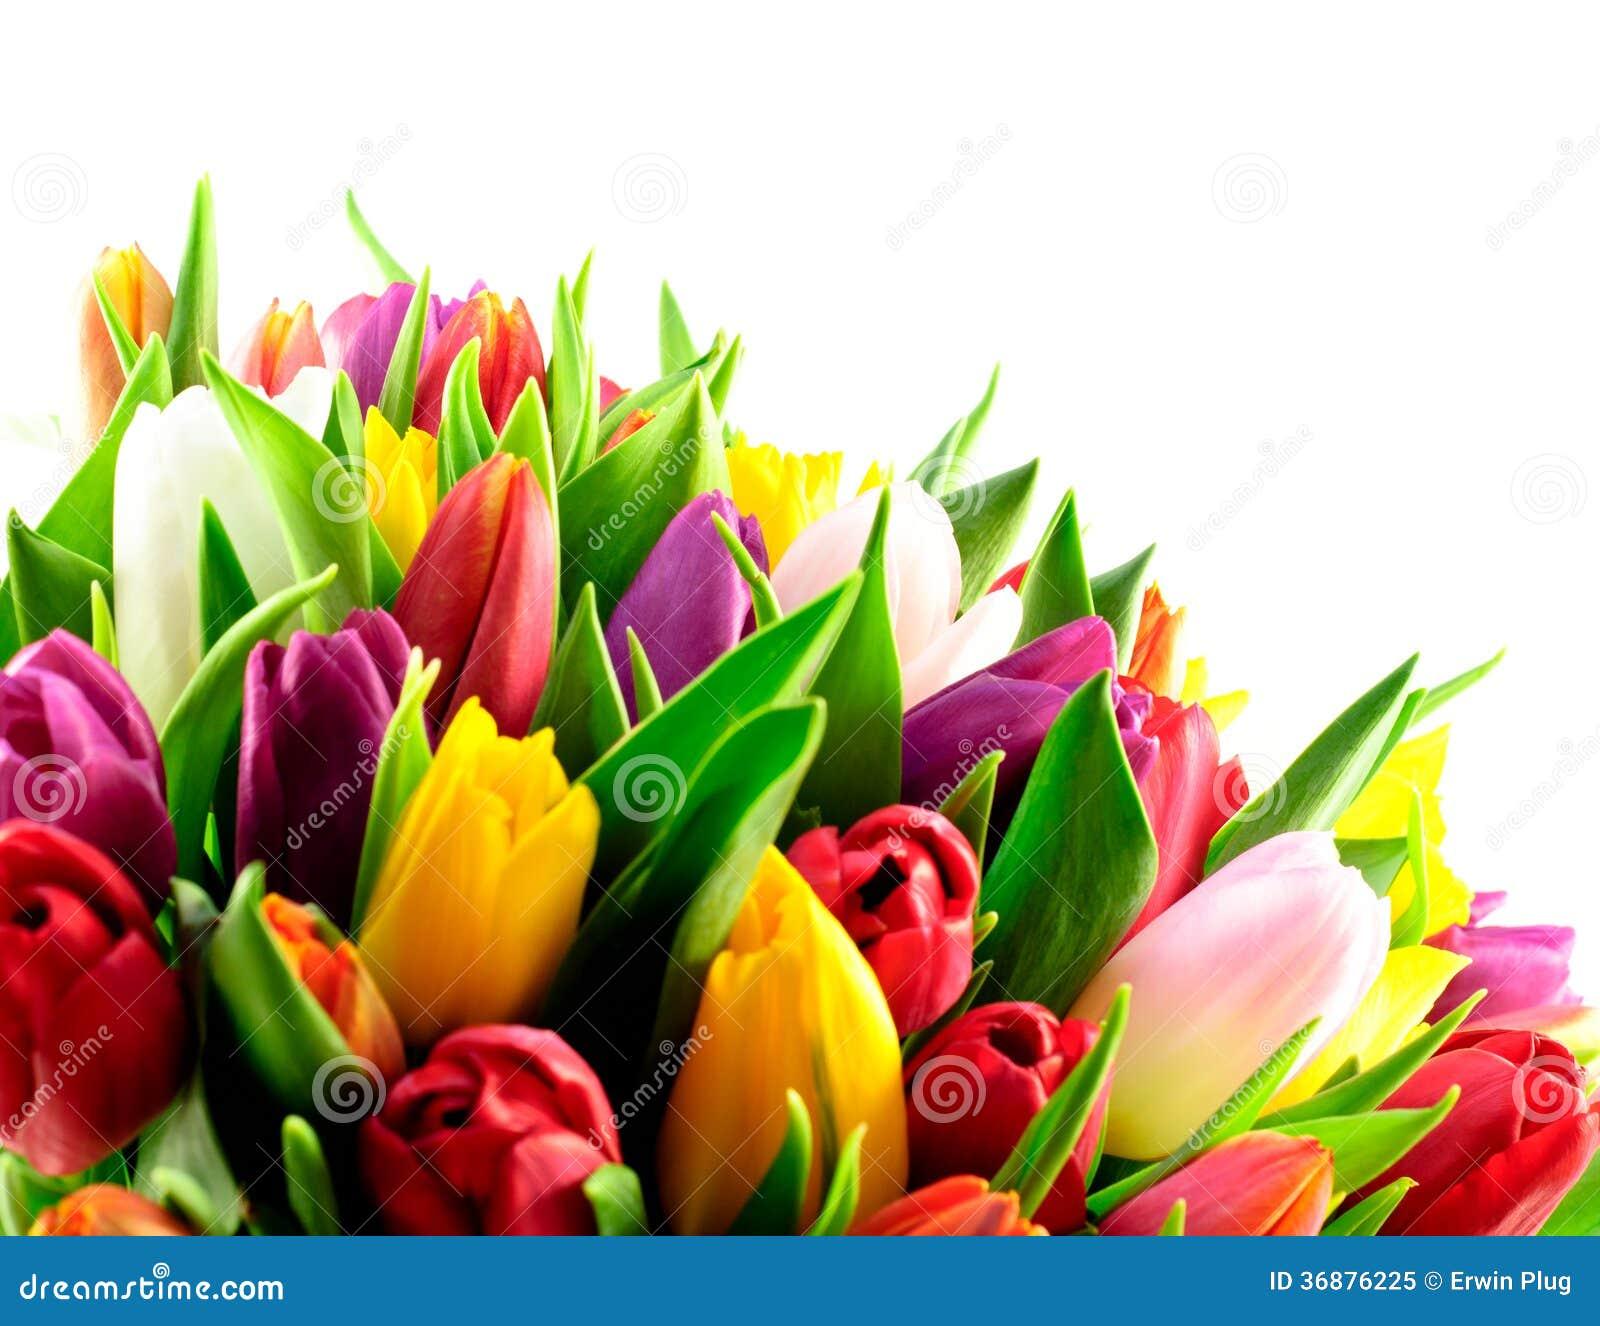 Tulpen-Regenbogen-Mischbündel-Unterseiten-Weiß-Hintergrund